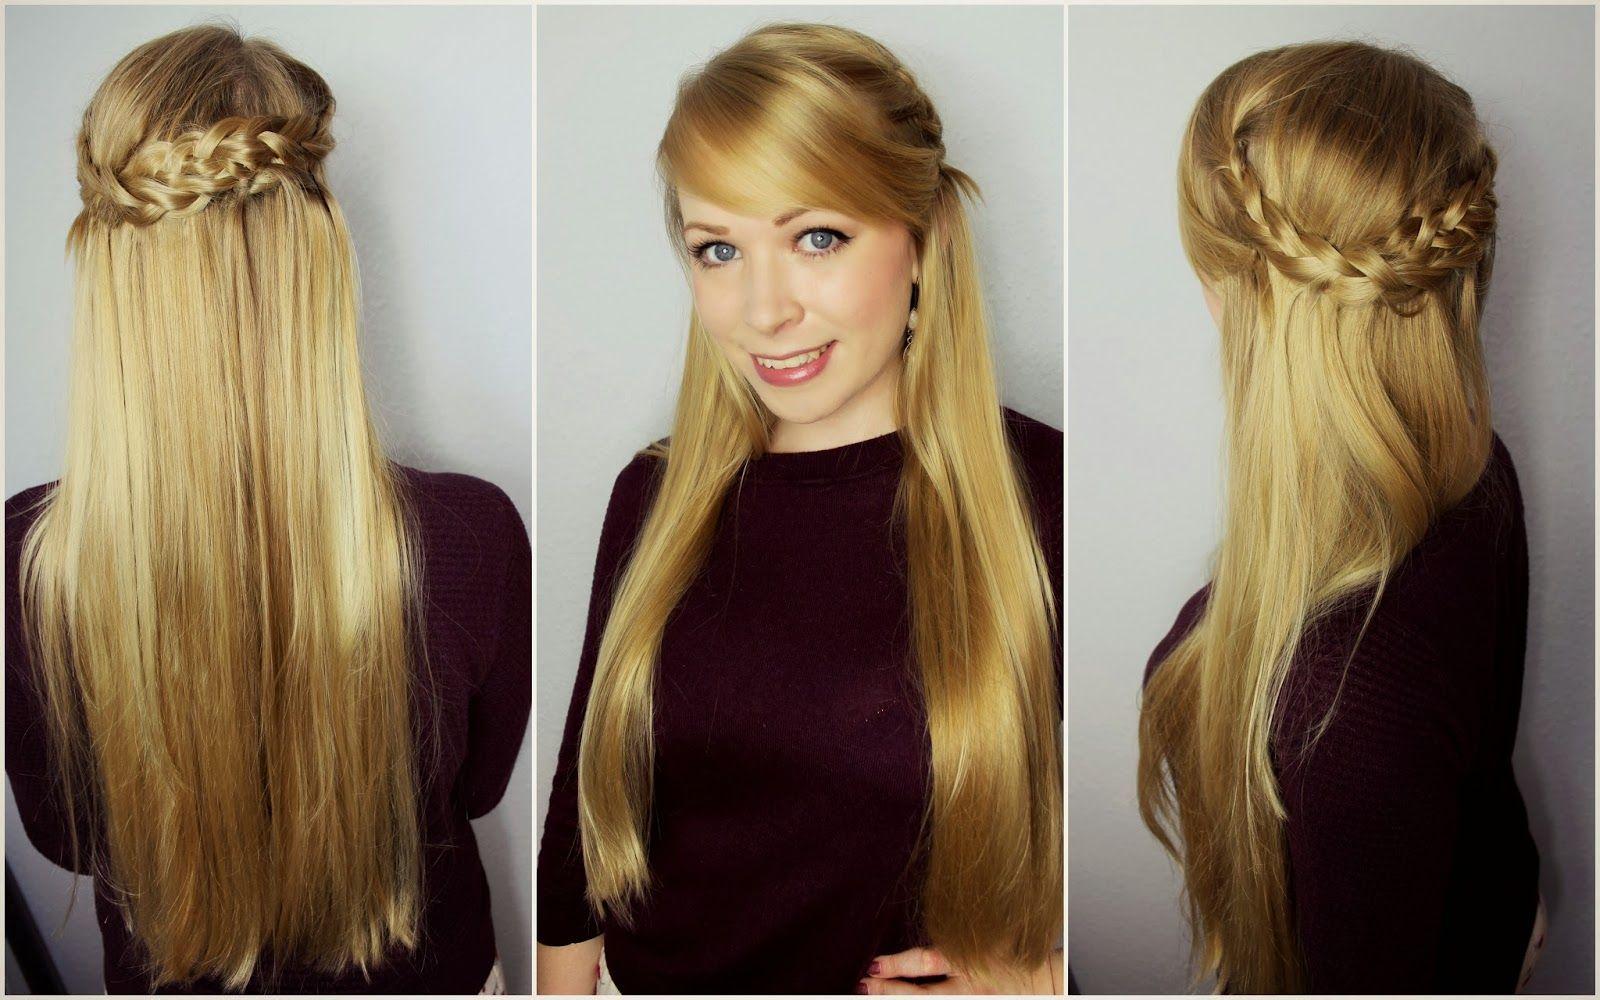 Flecht Frisuren Mittellanges Und Lange Haare 2015 Frisuren Oder